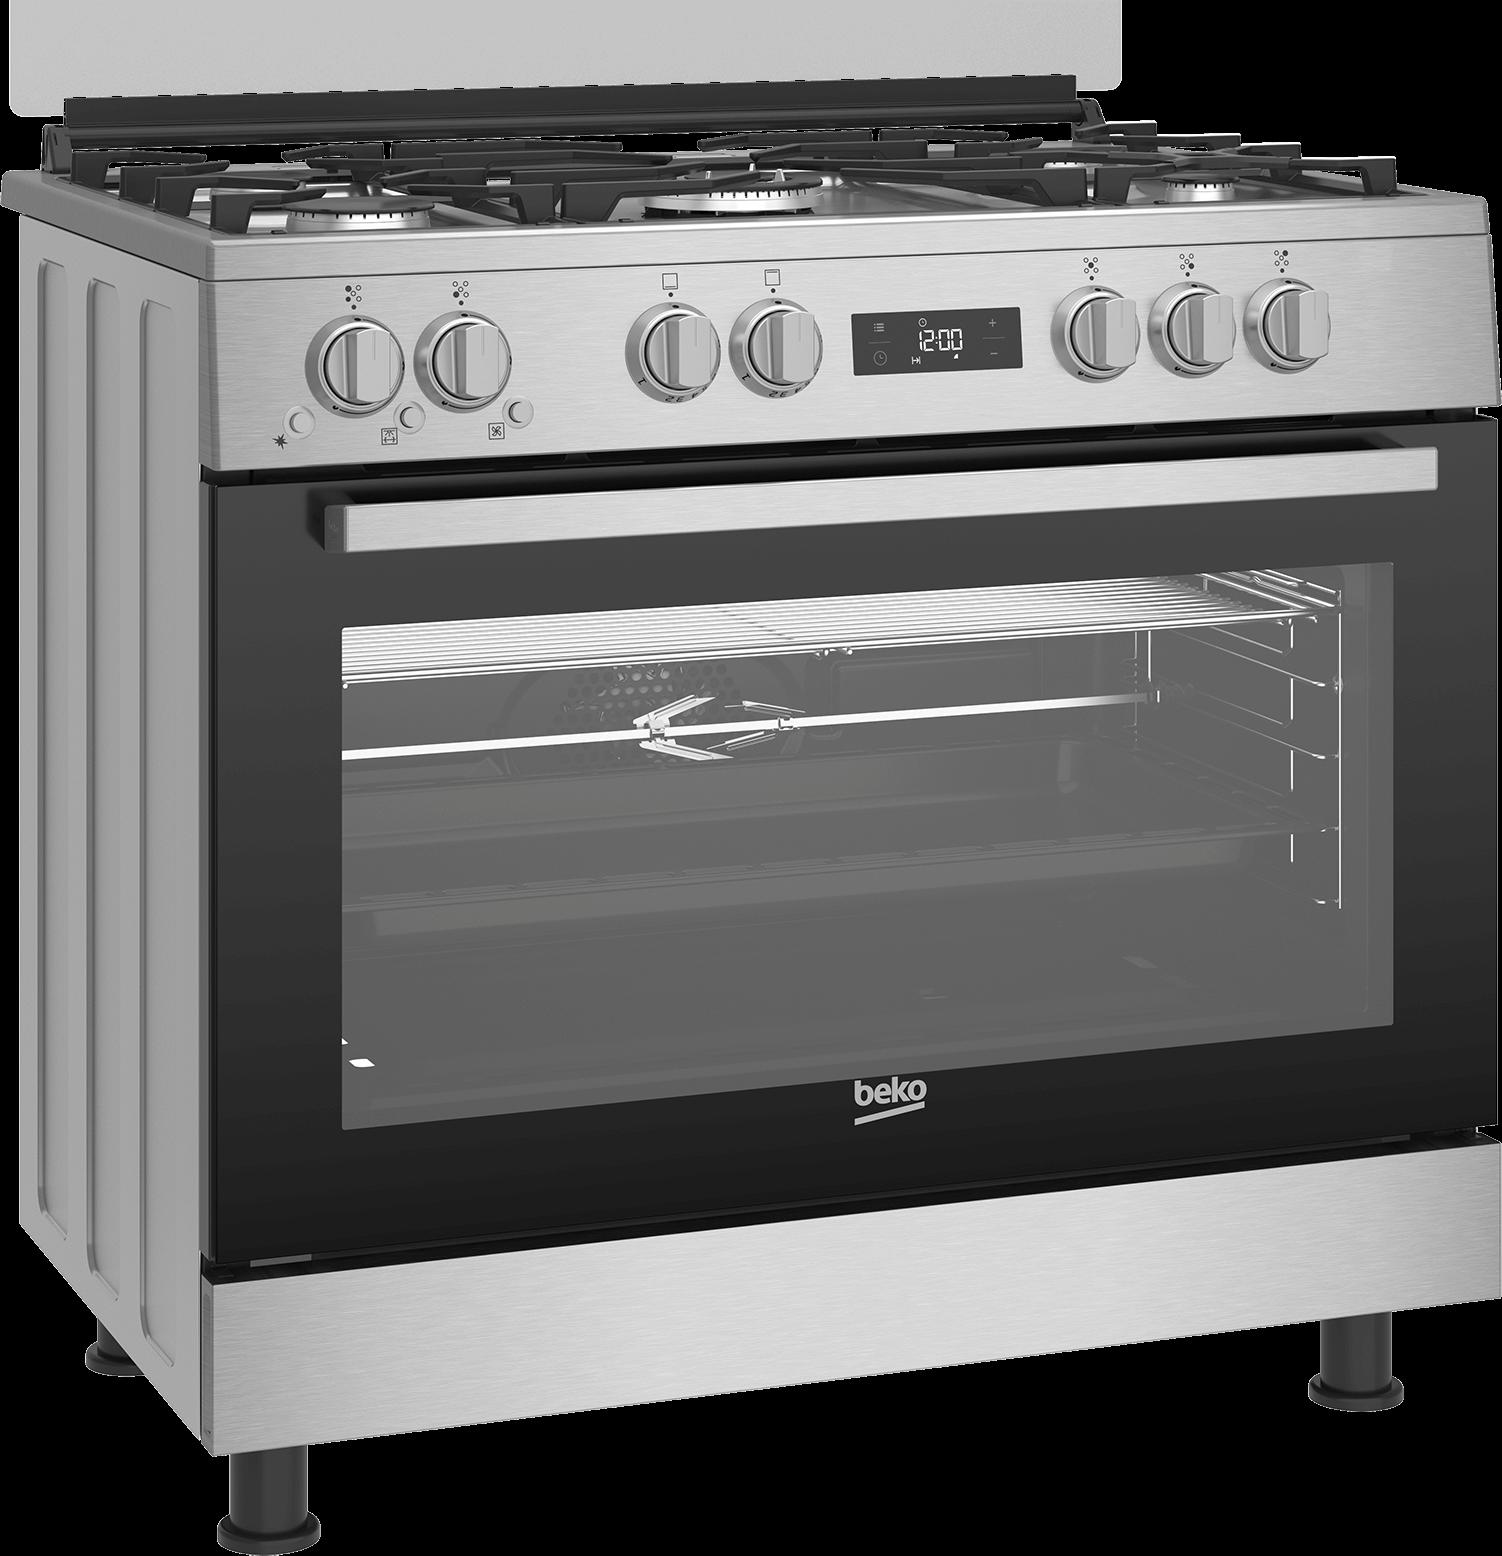 BEKO 90cm Gas Cooker GGR 15325 FX NS